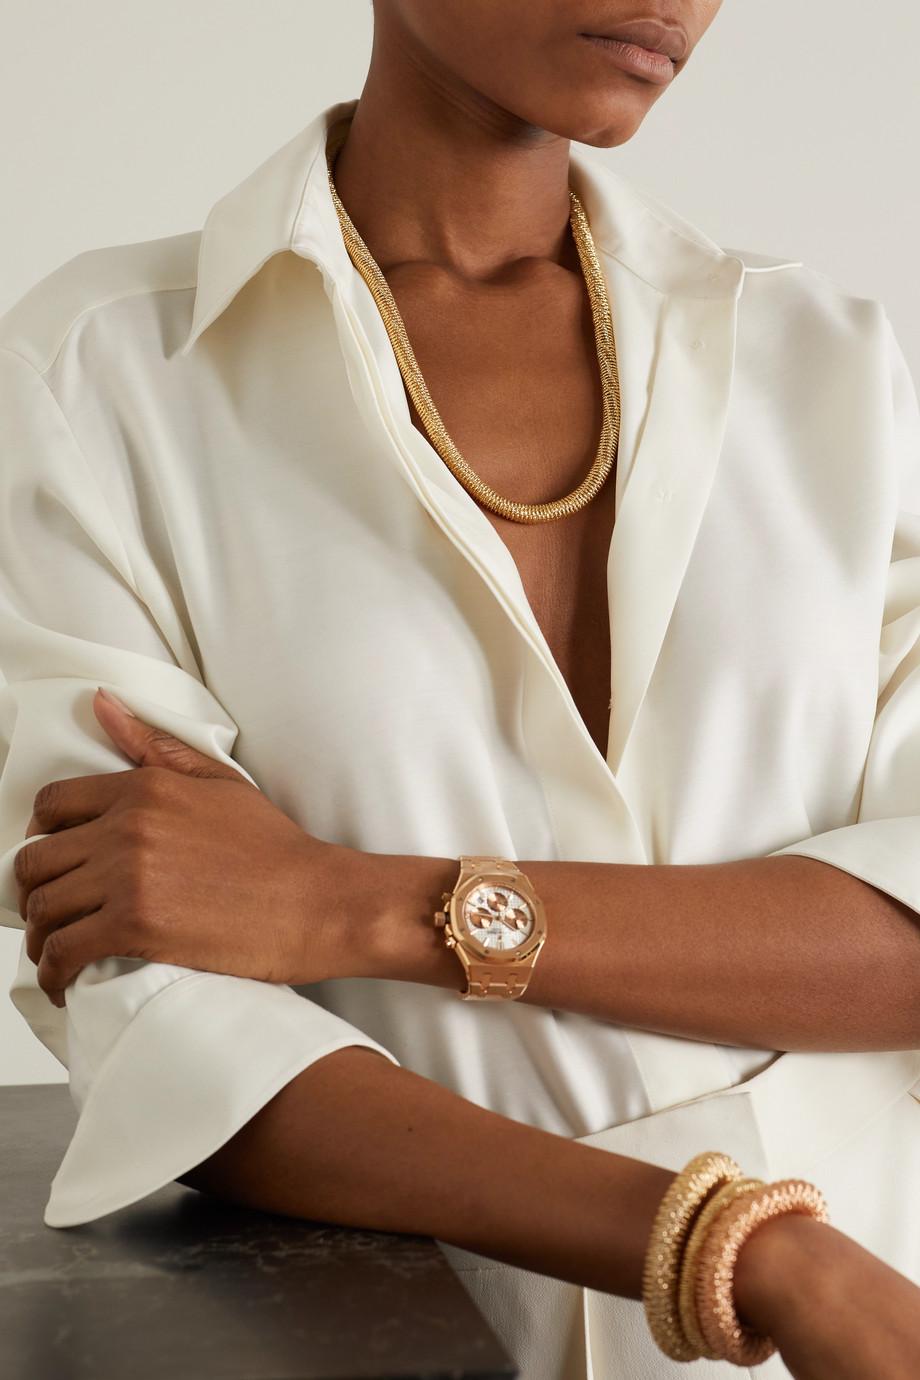 Carolina Bucci K.I.S.S. 18-karat gold necklace